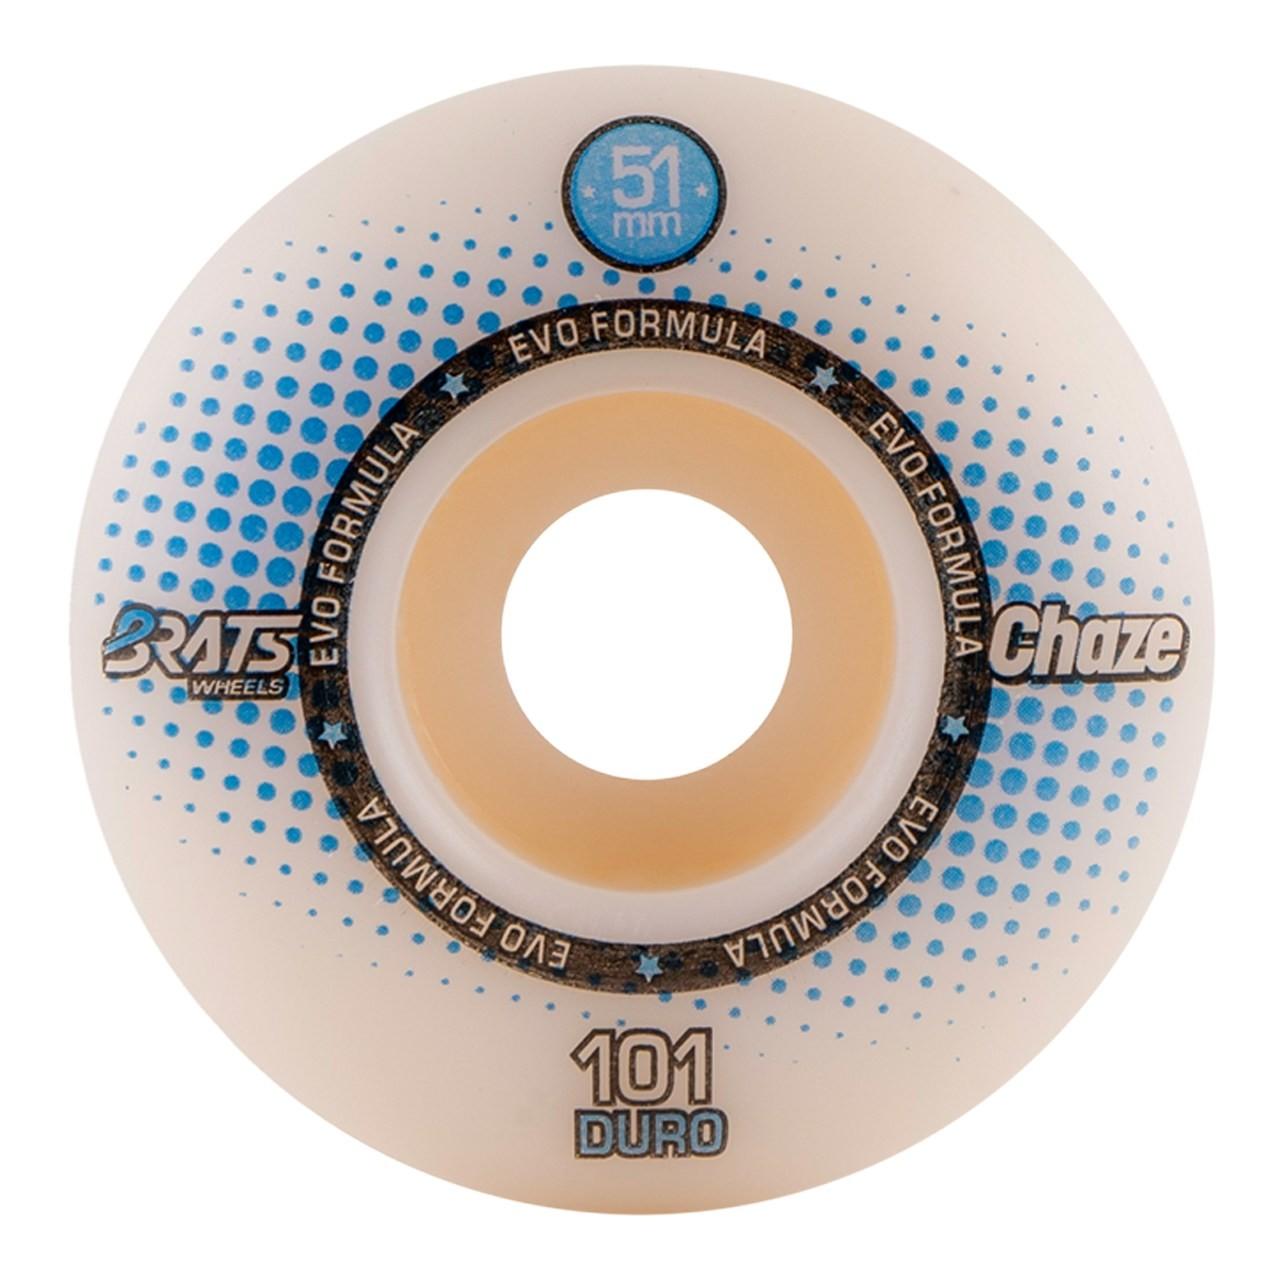 Roda Brats X Chaze 51MM Collab White 101A